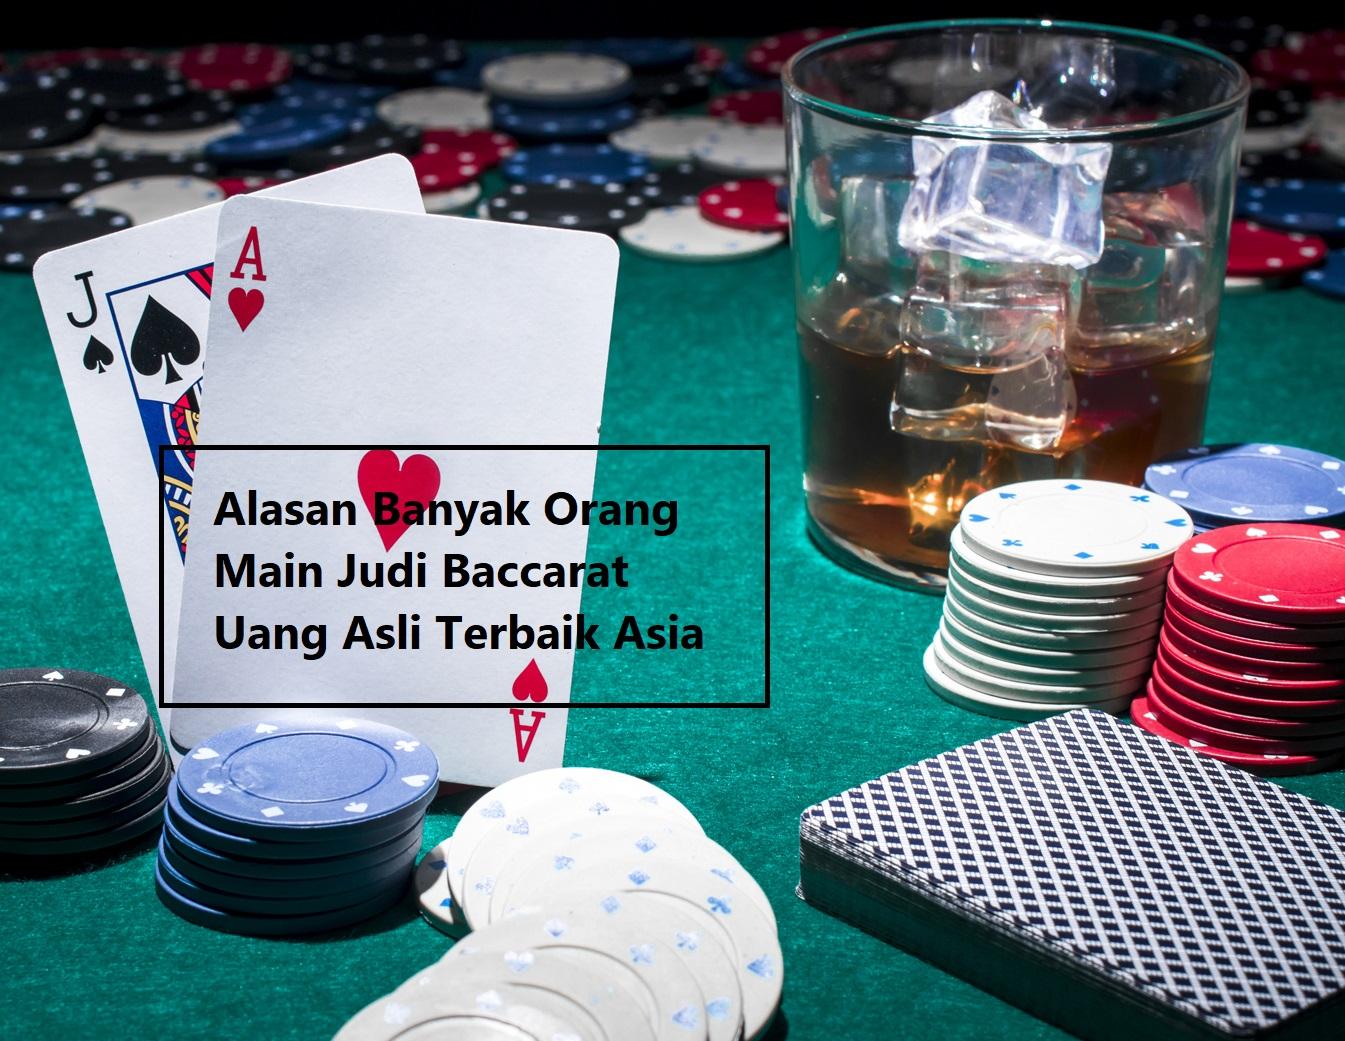 Alasan Banyak Orang Main Judi Baccarat Uang Asli Terbaik Asia